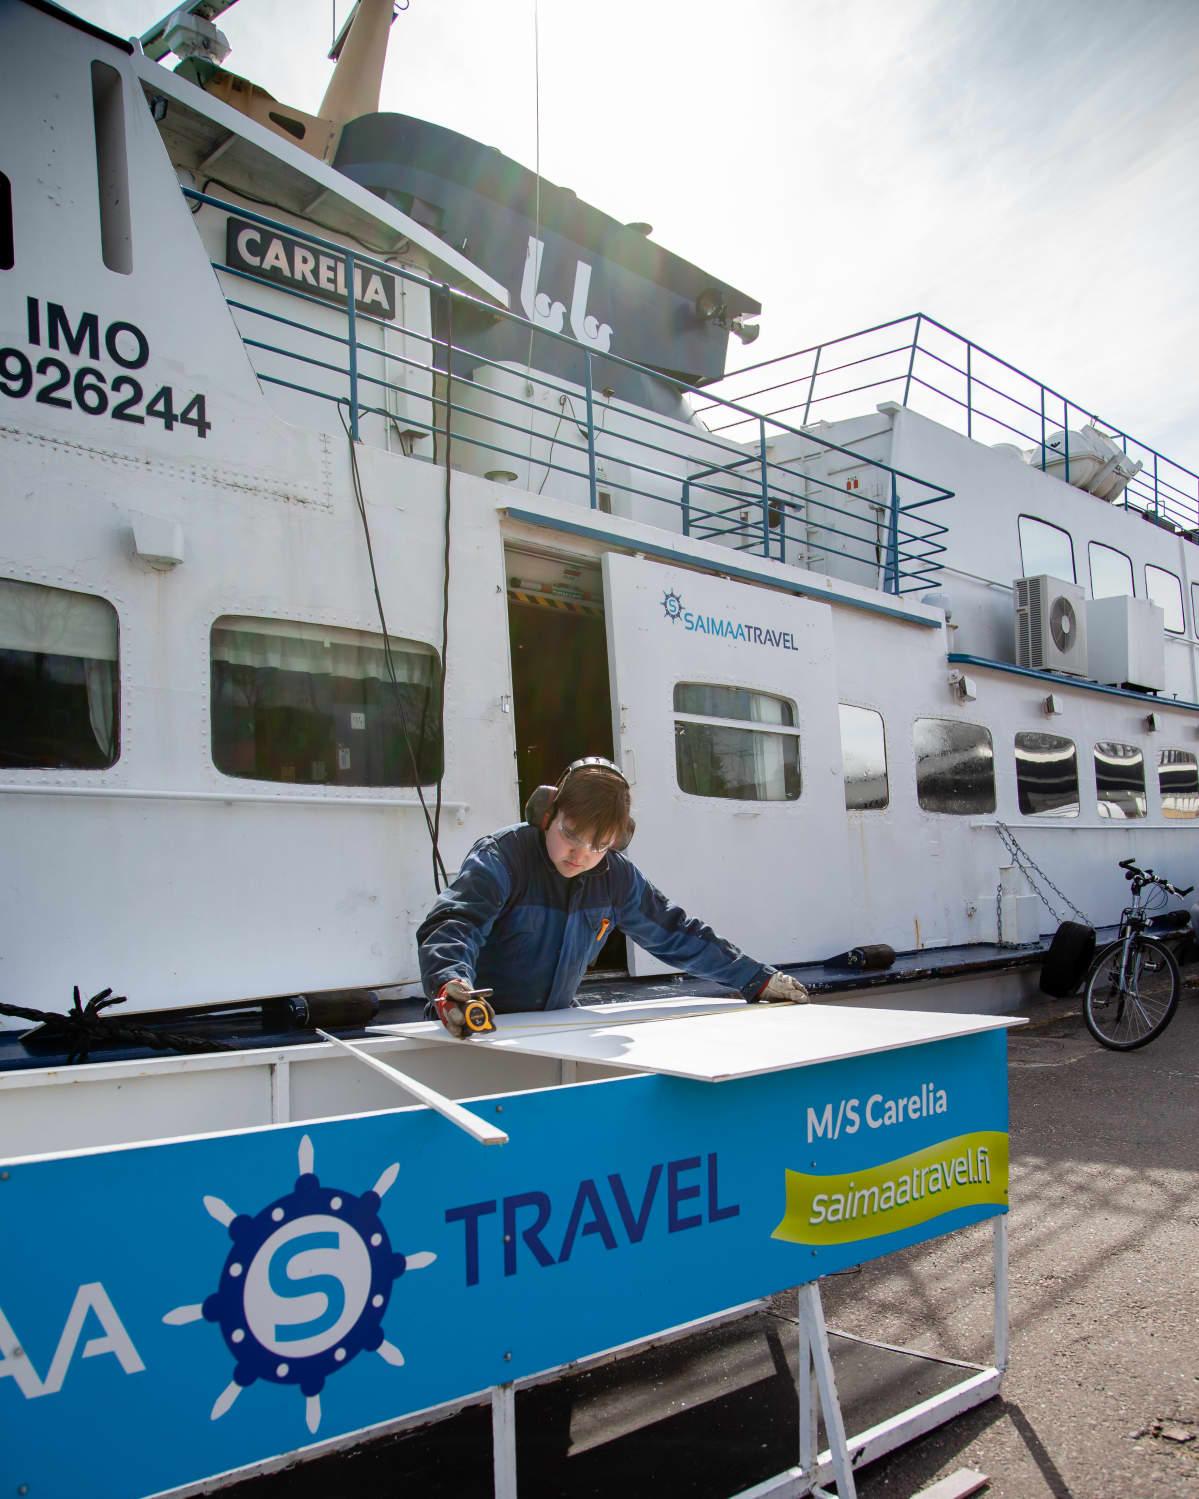 M/S Careliaa kunnostetaan Lappeenrannan satamassa.